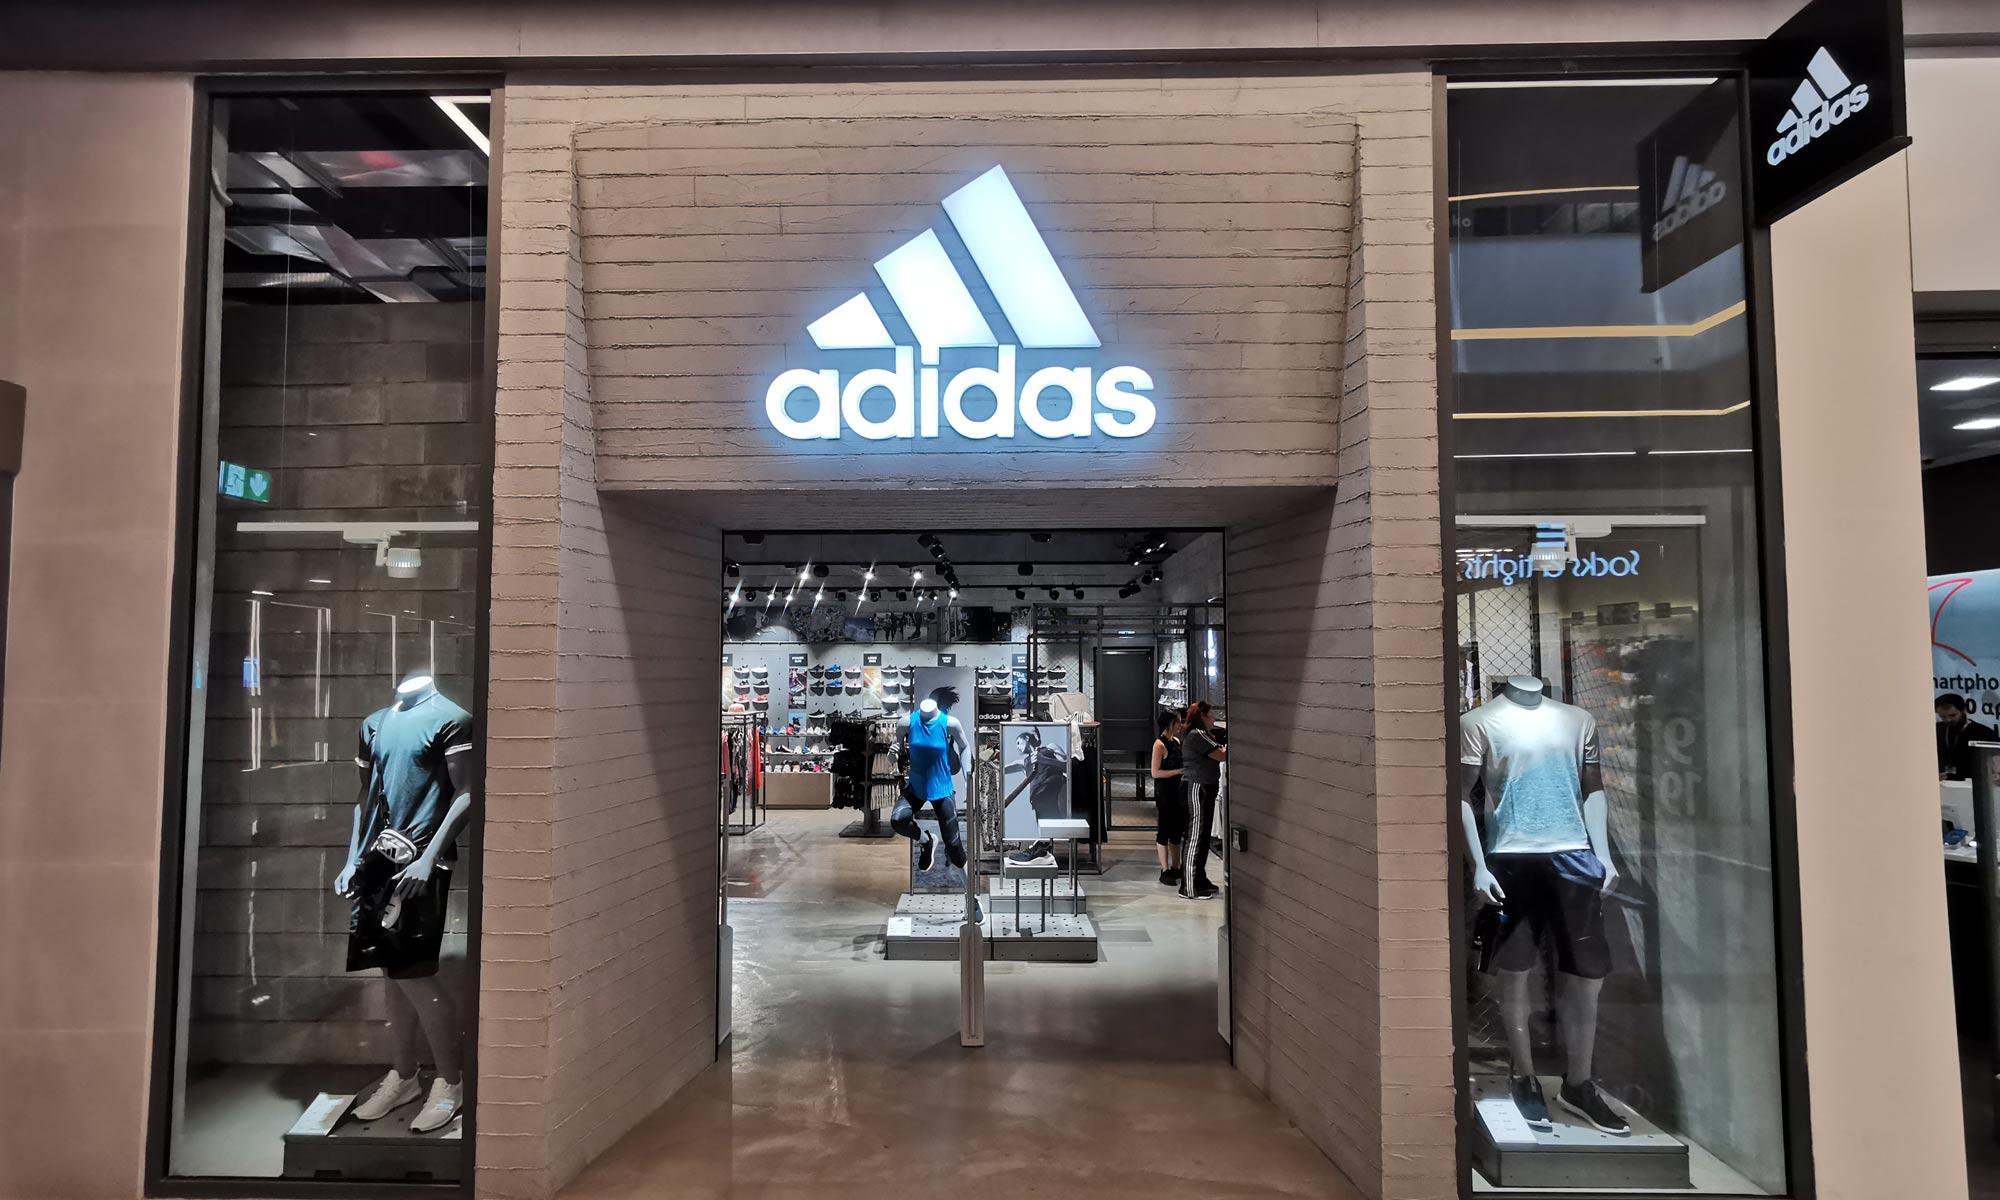 https://www.atelierzoz.com/wp-content/uploads/2020/03/works_atelierzoz_adidas-nicosia-2.jpg